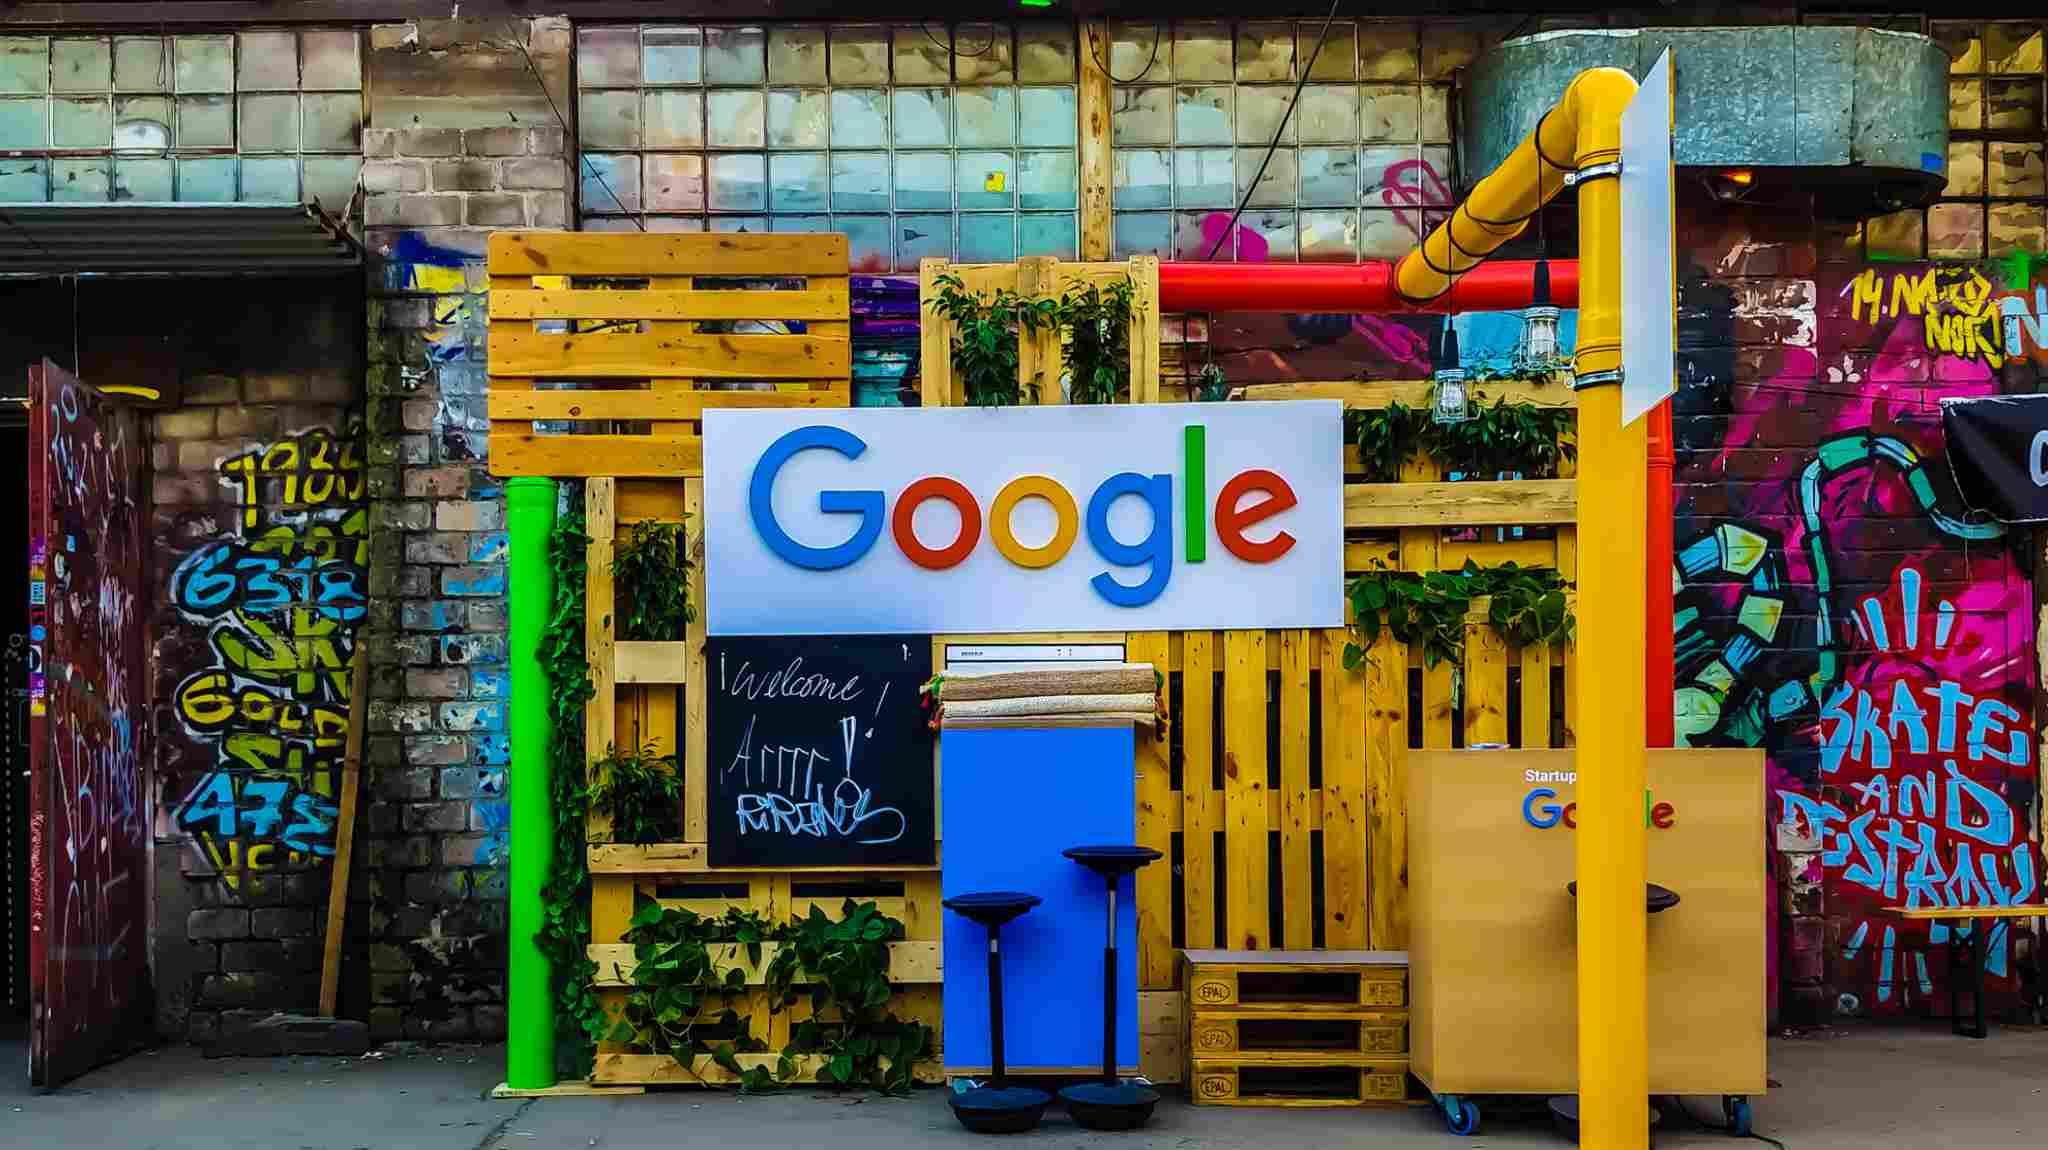 Hvordan bli synlig på Google med SEO inn mot 2020-tallet?